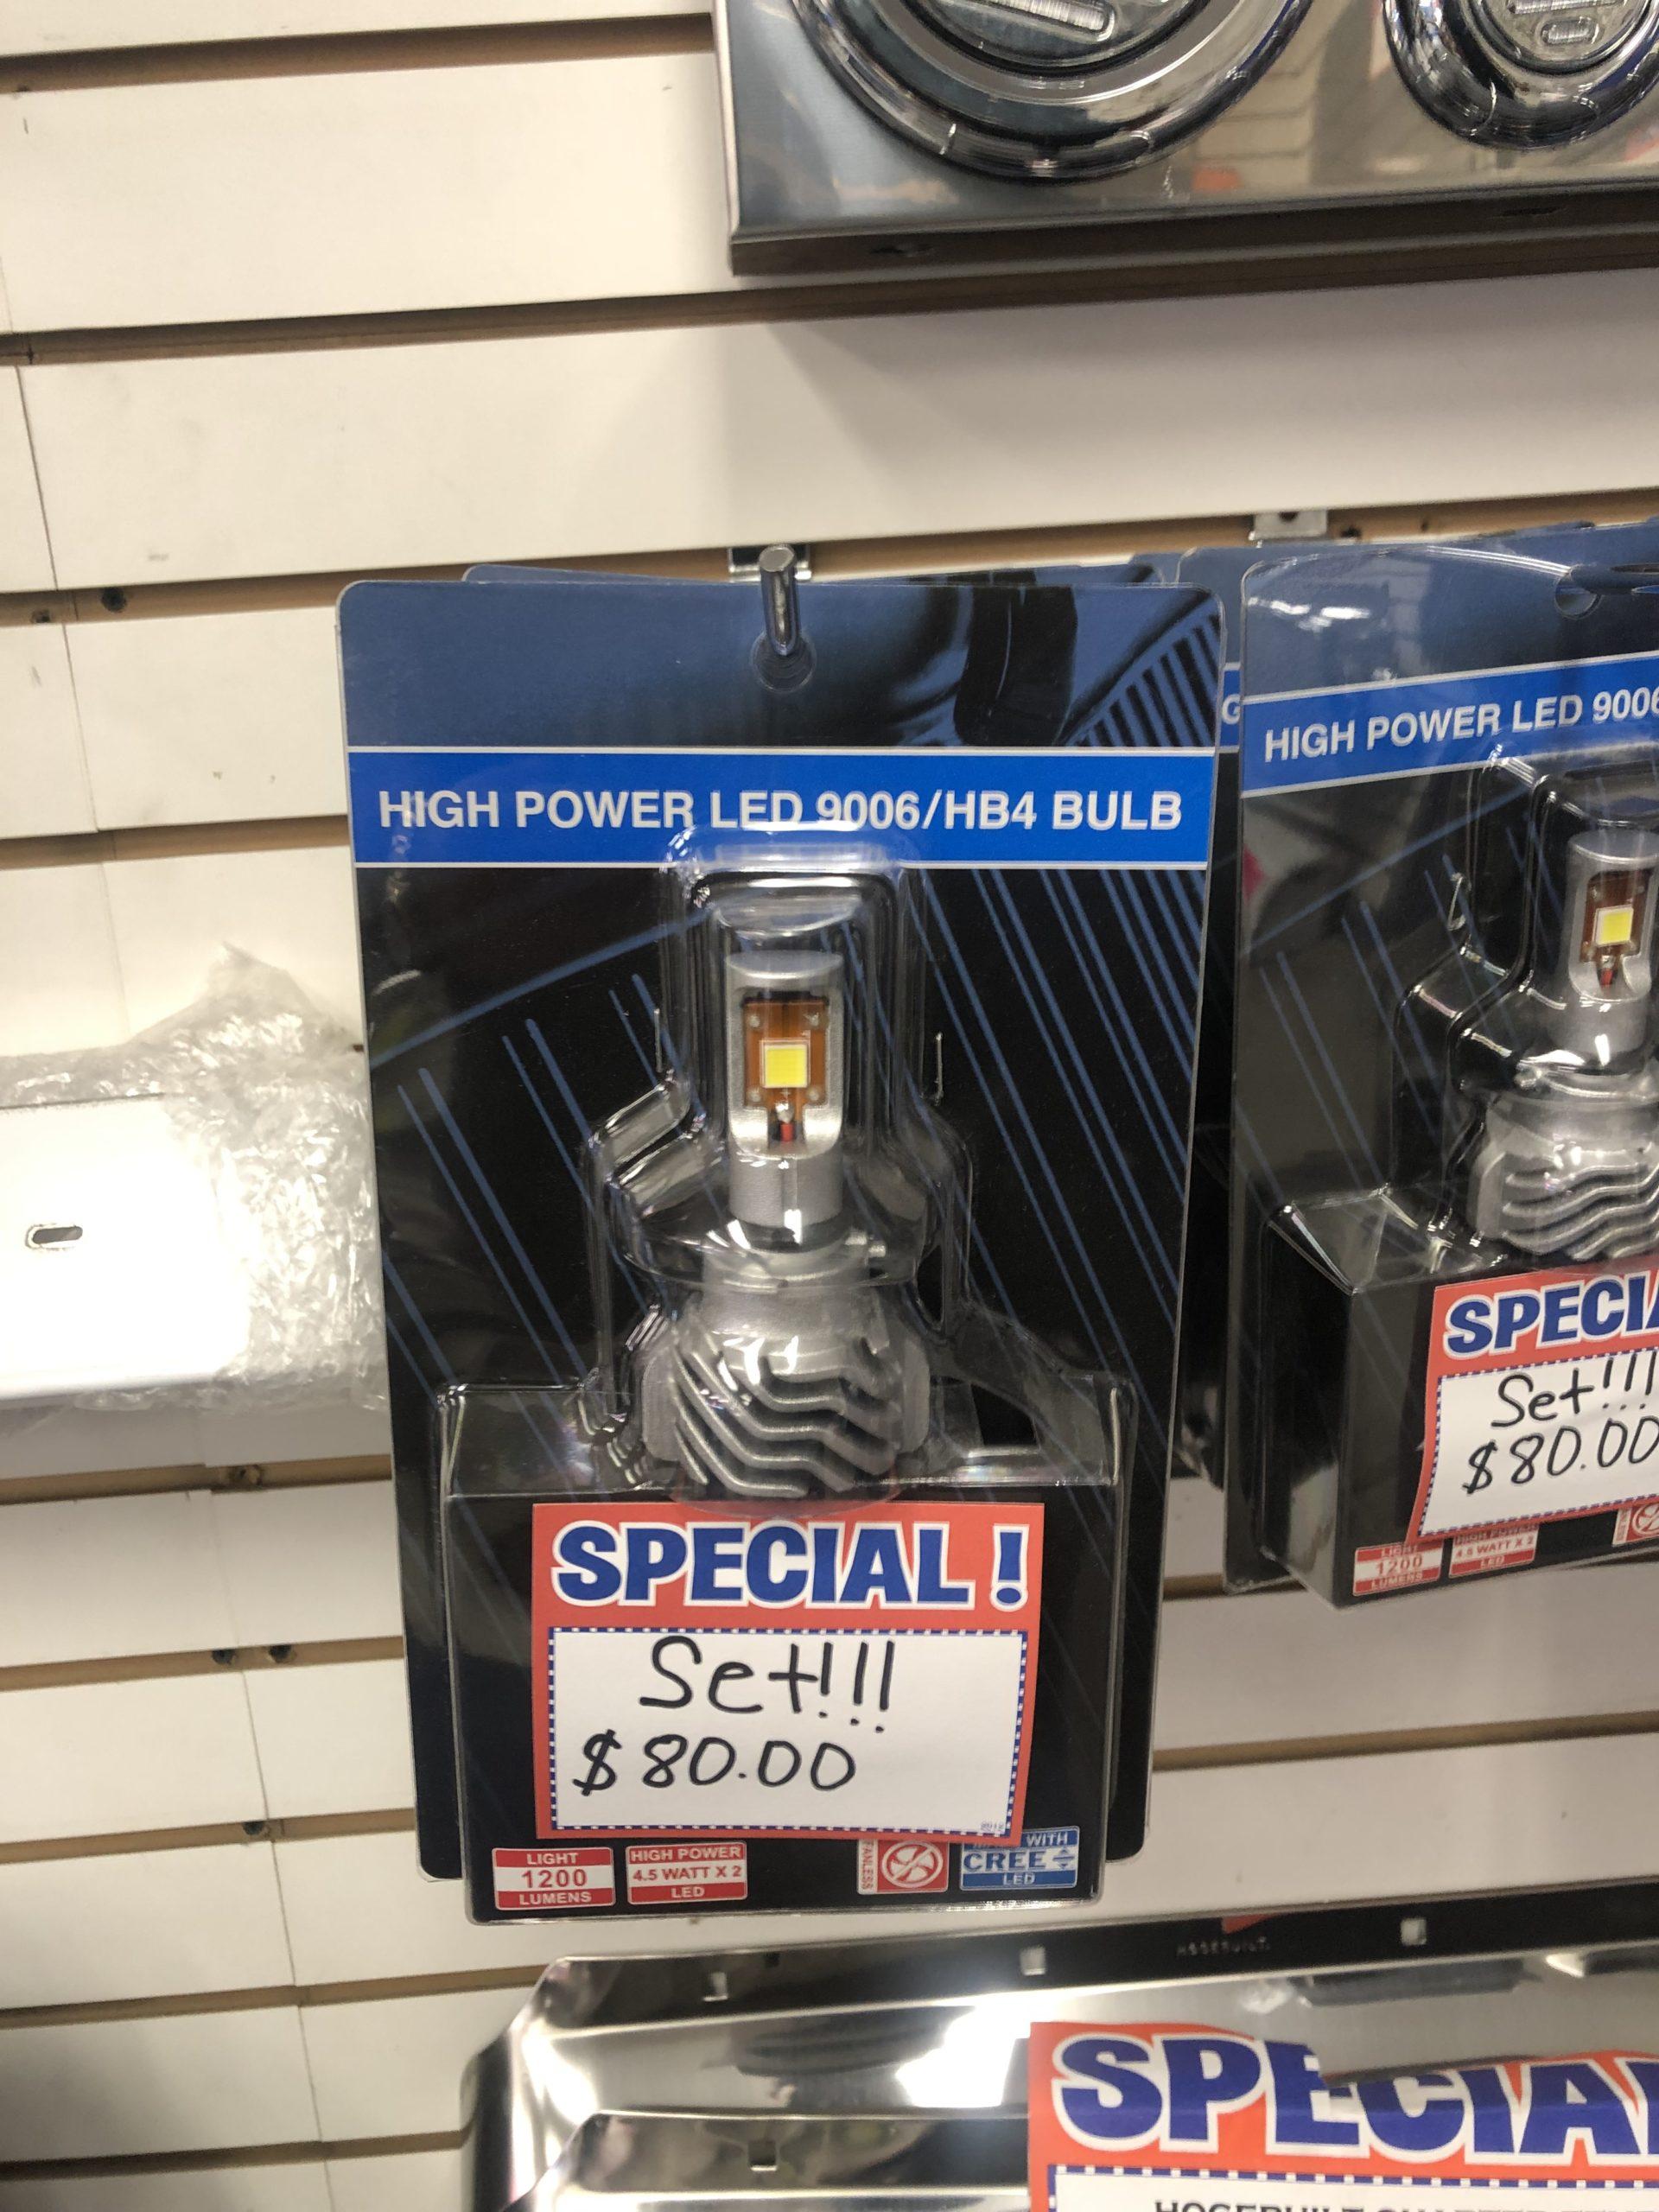 LED 9006/HB4 Bulb